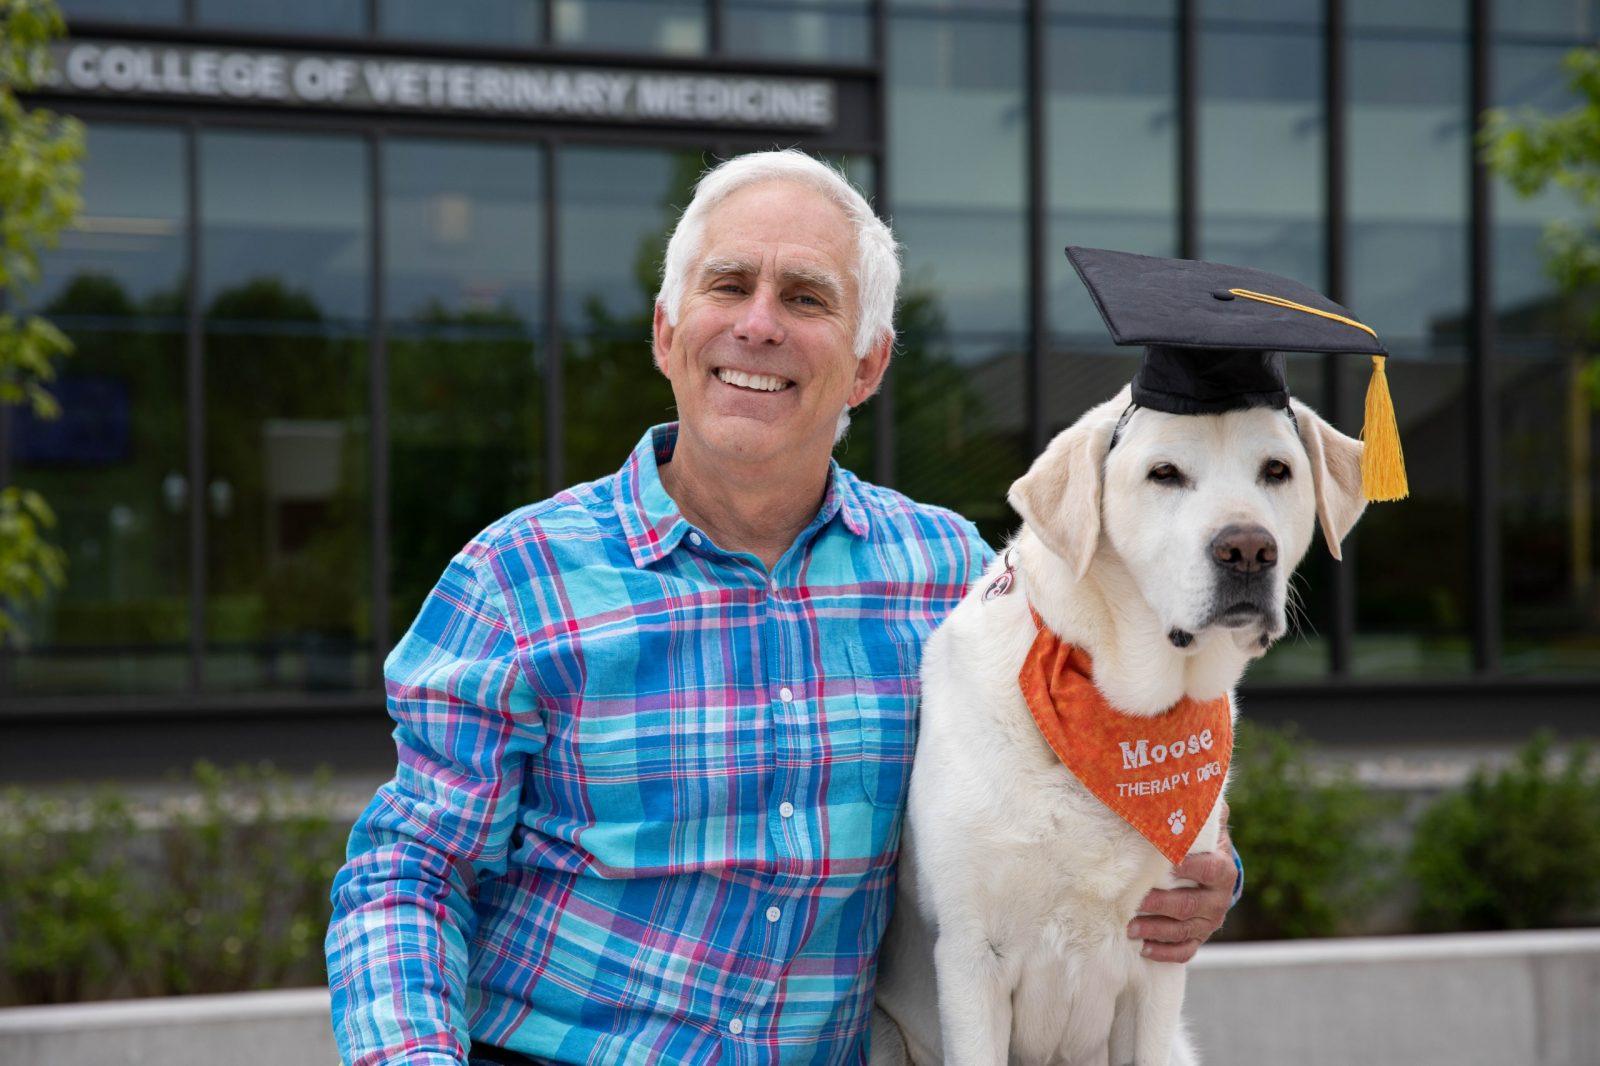 У США собака-терапевт отримав звання доктора наук (ФОТО)